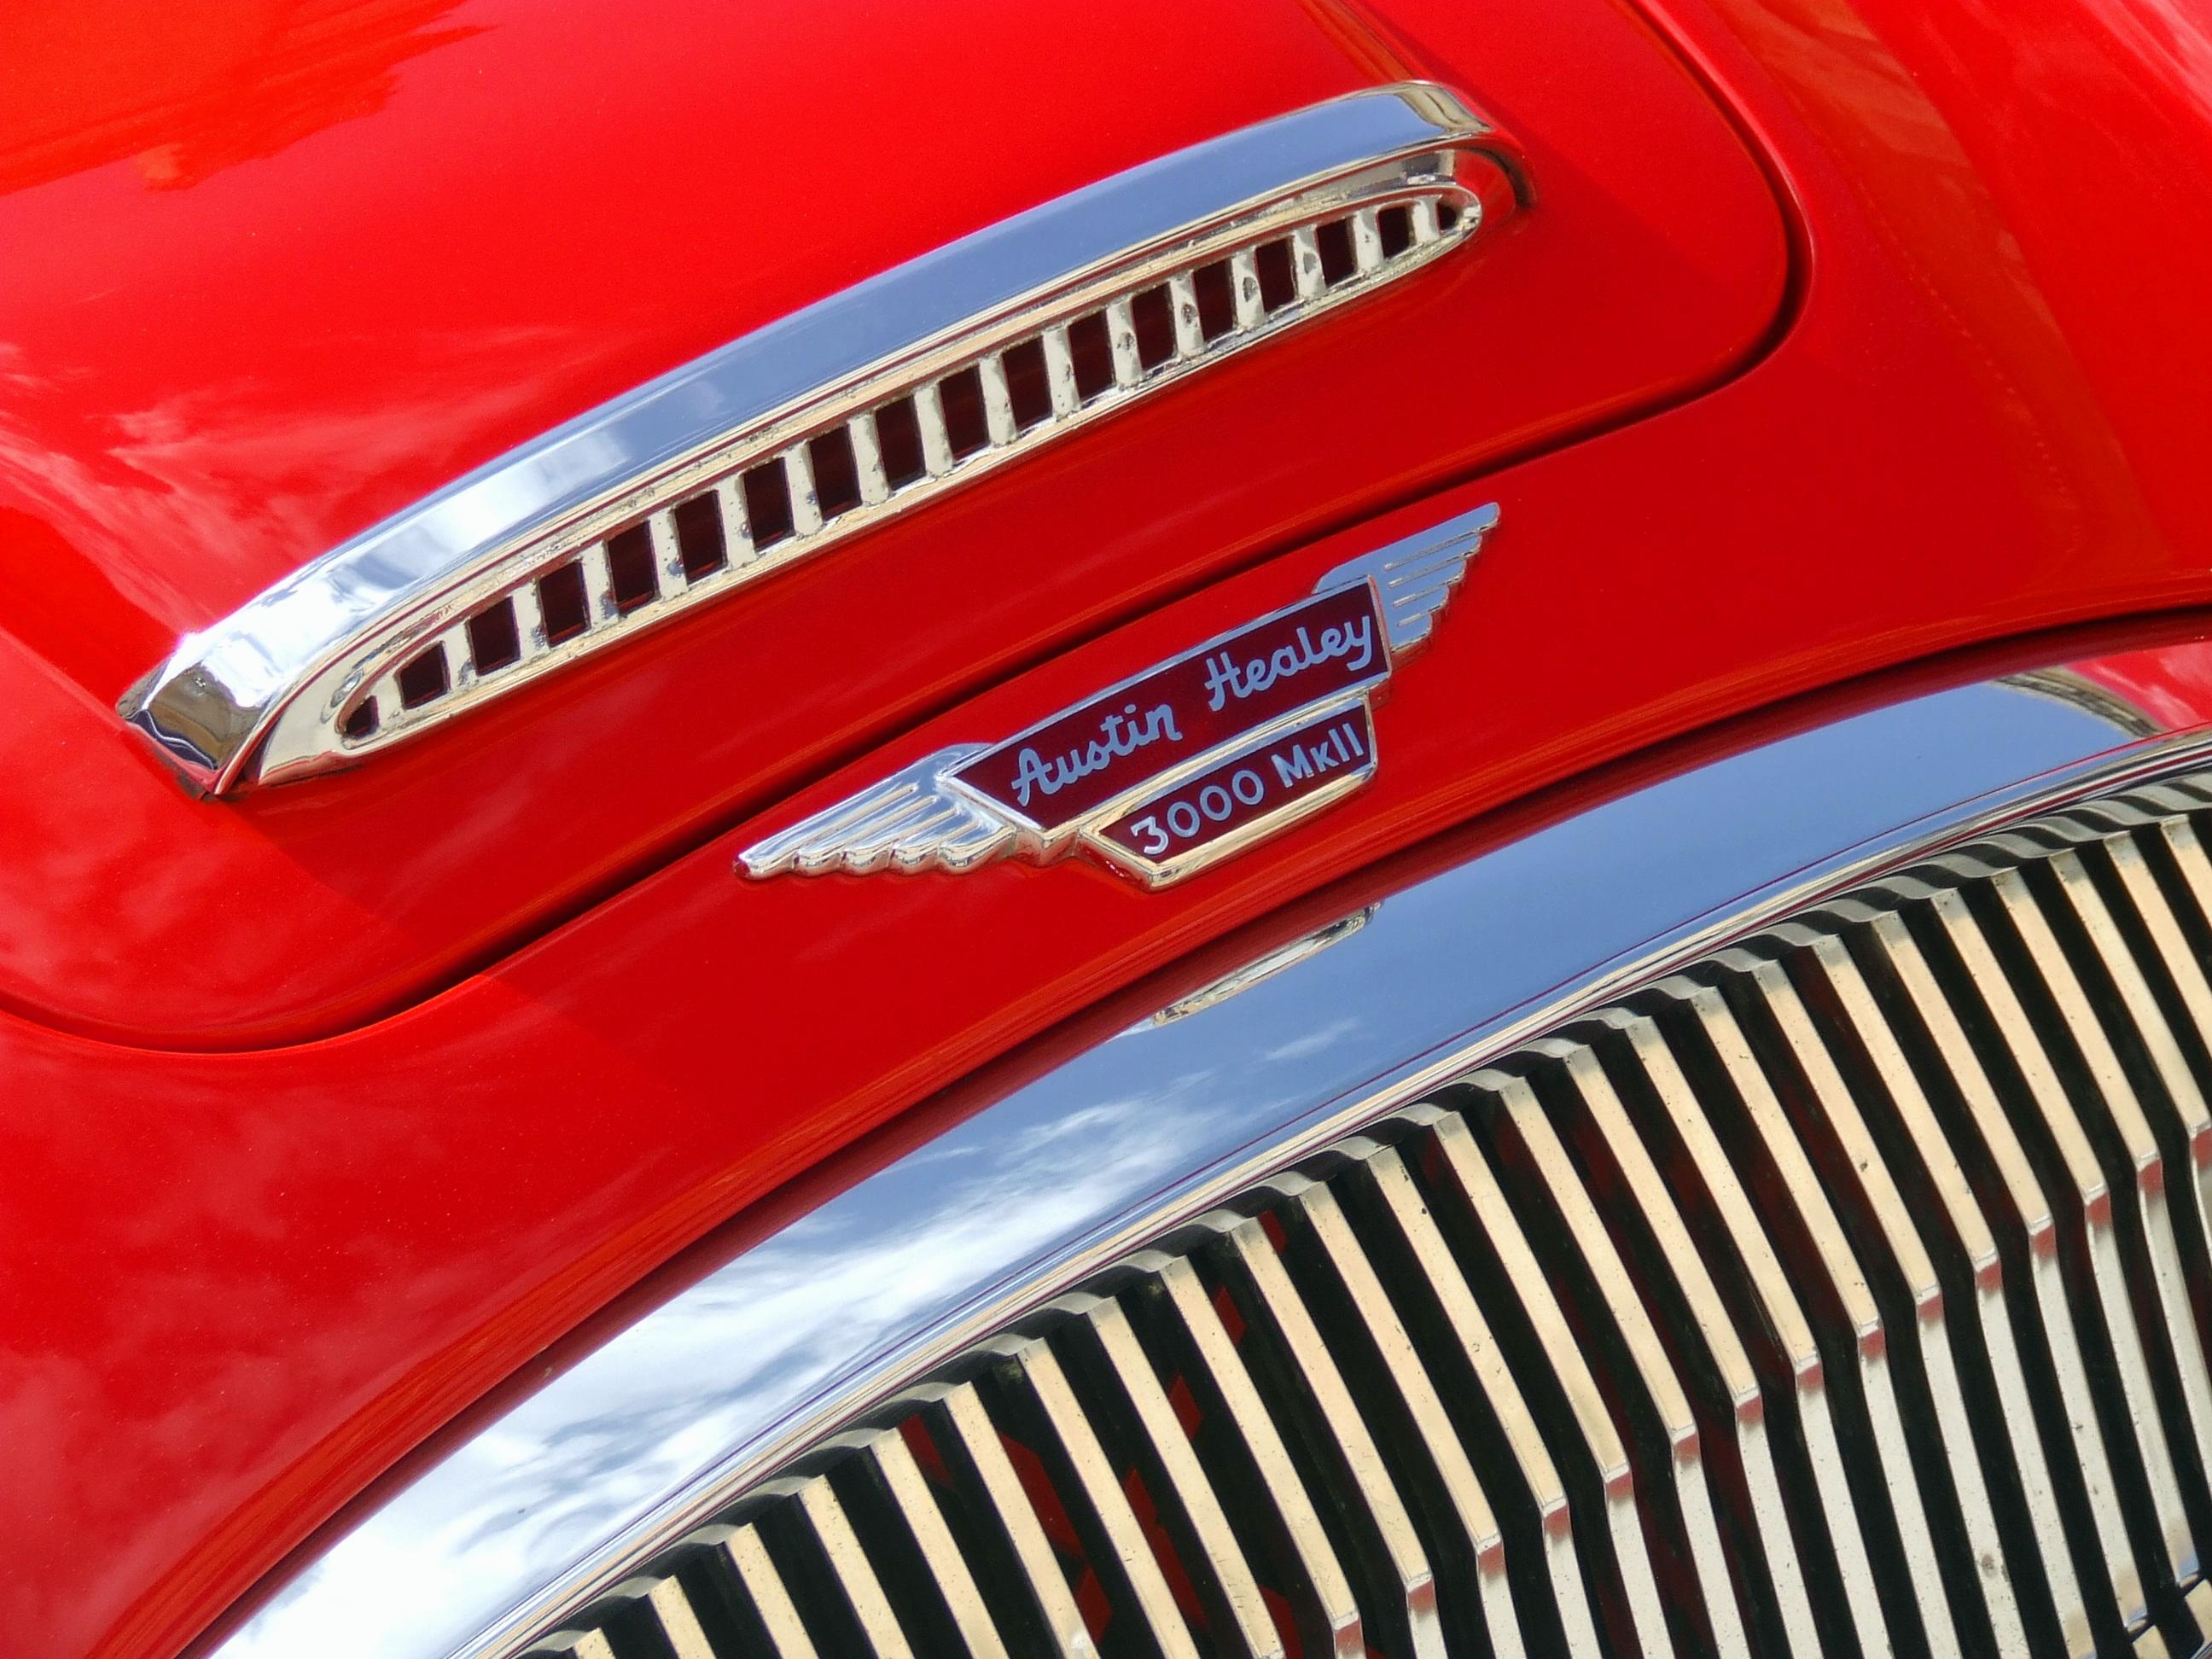 Free Images Antique Wheel Transportation Transport Red Symbol